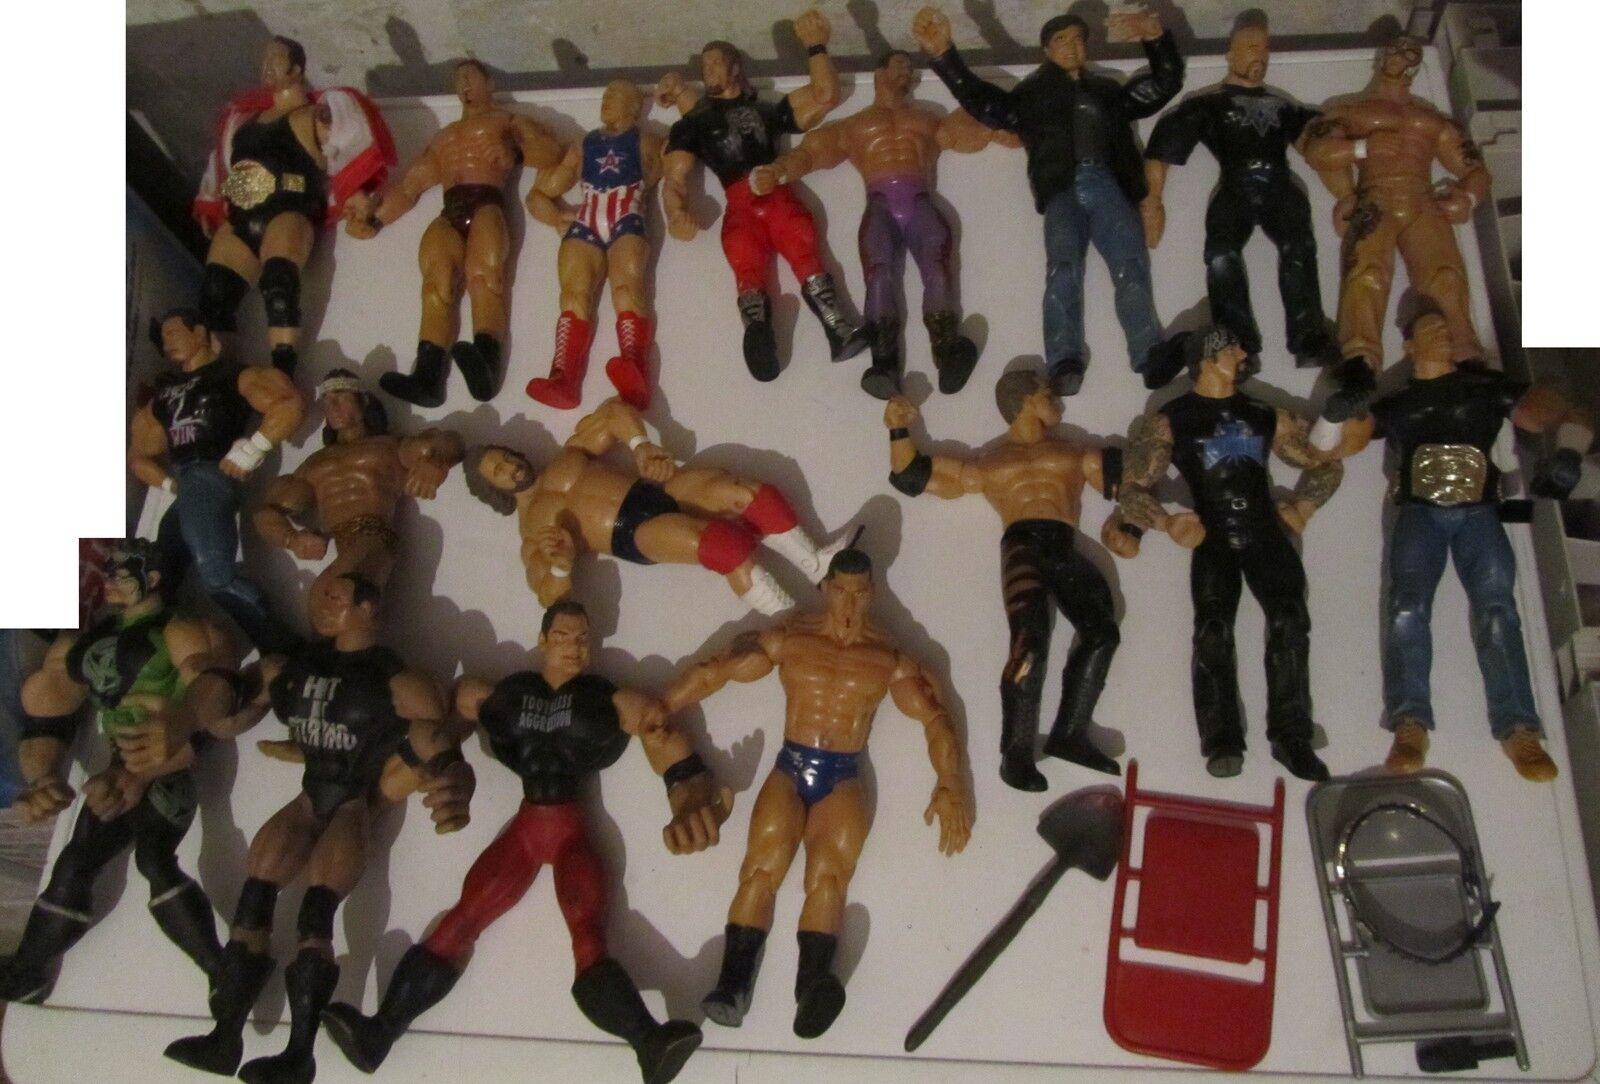 Lotto 18 Wrestler anni 2000 moderni con accesori Wrestling wwf action figures